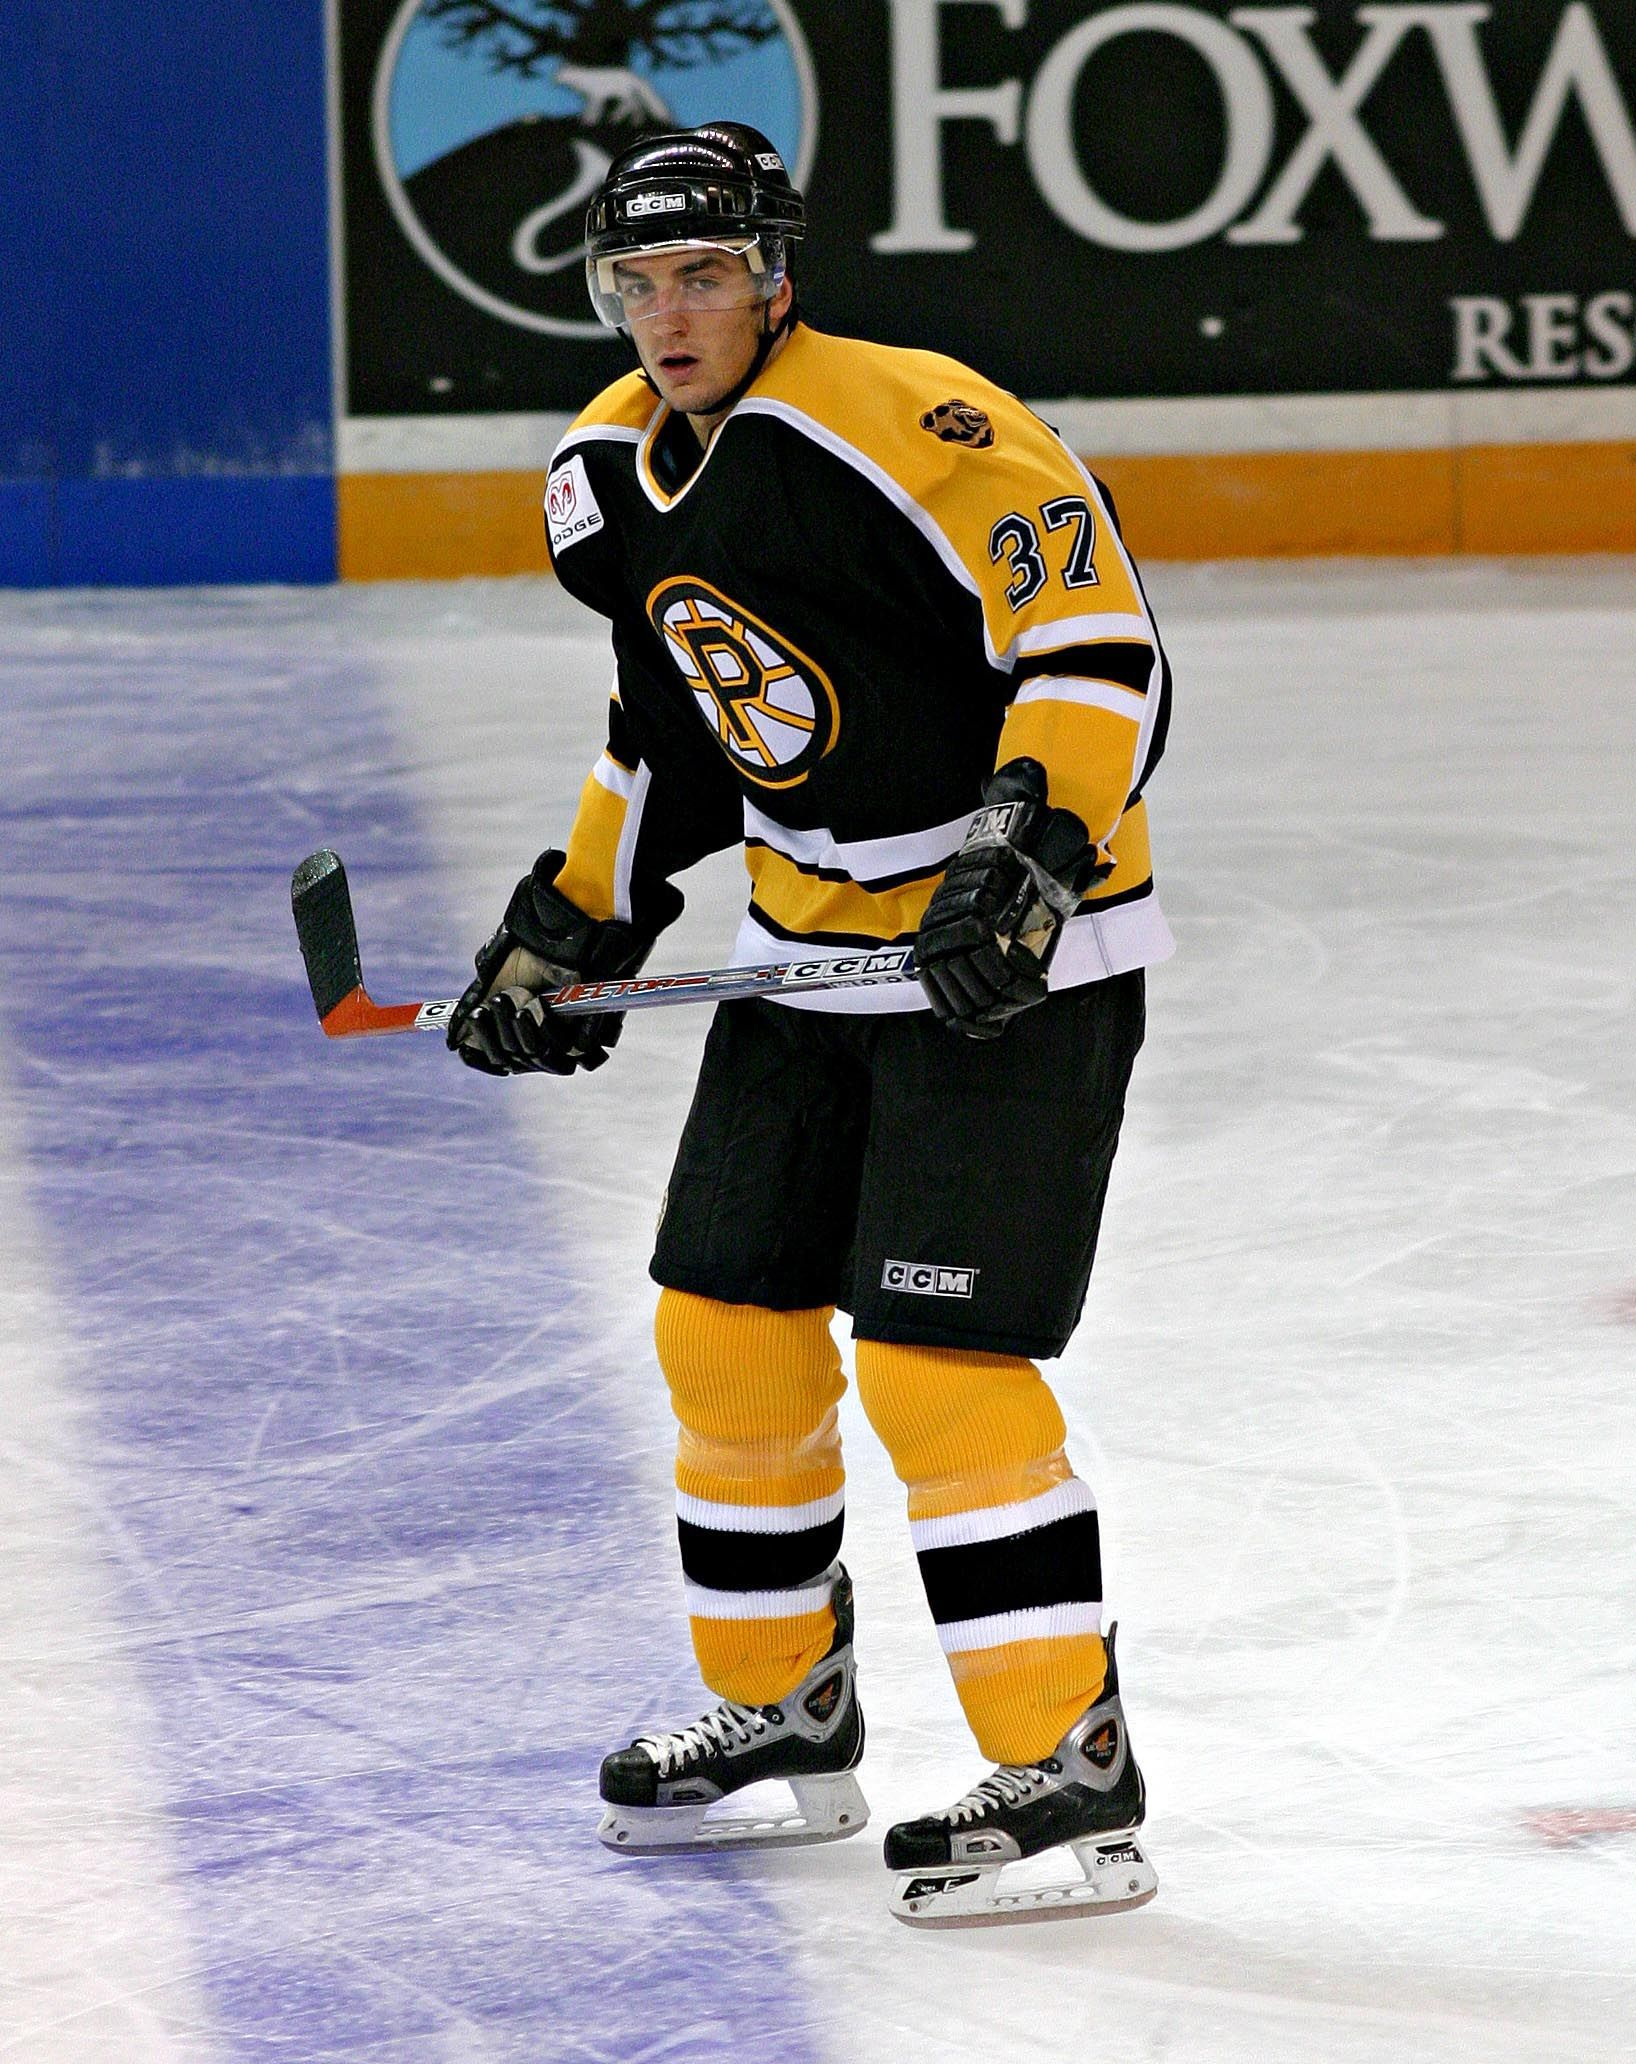 Patrice Bergeron, Providence Bruins